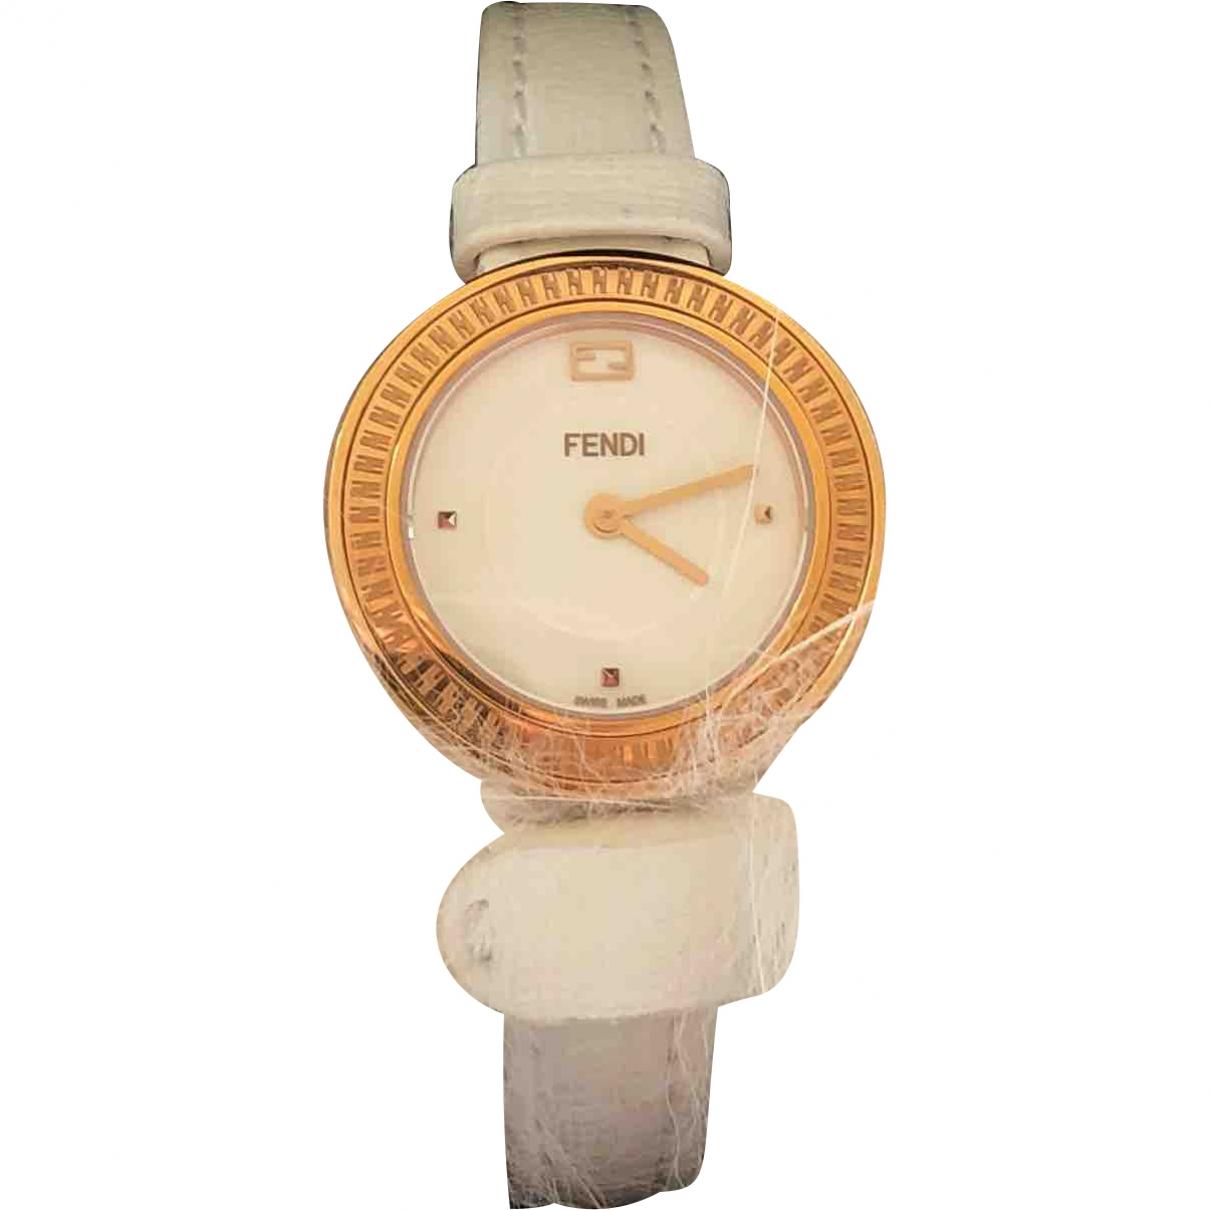 Fendi \N White Steel watch for Women \N